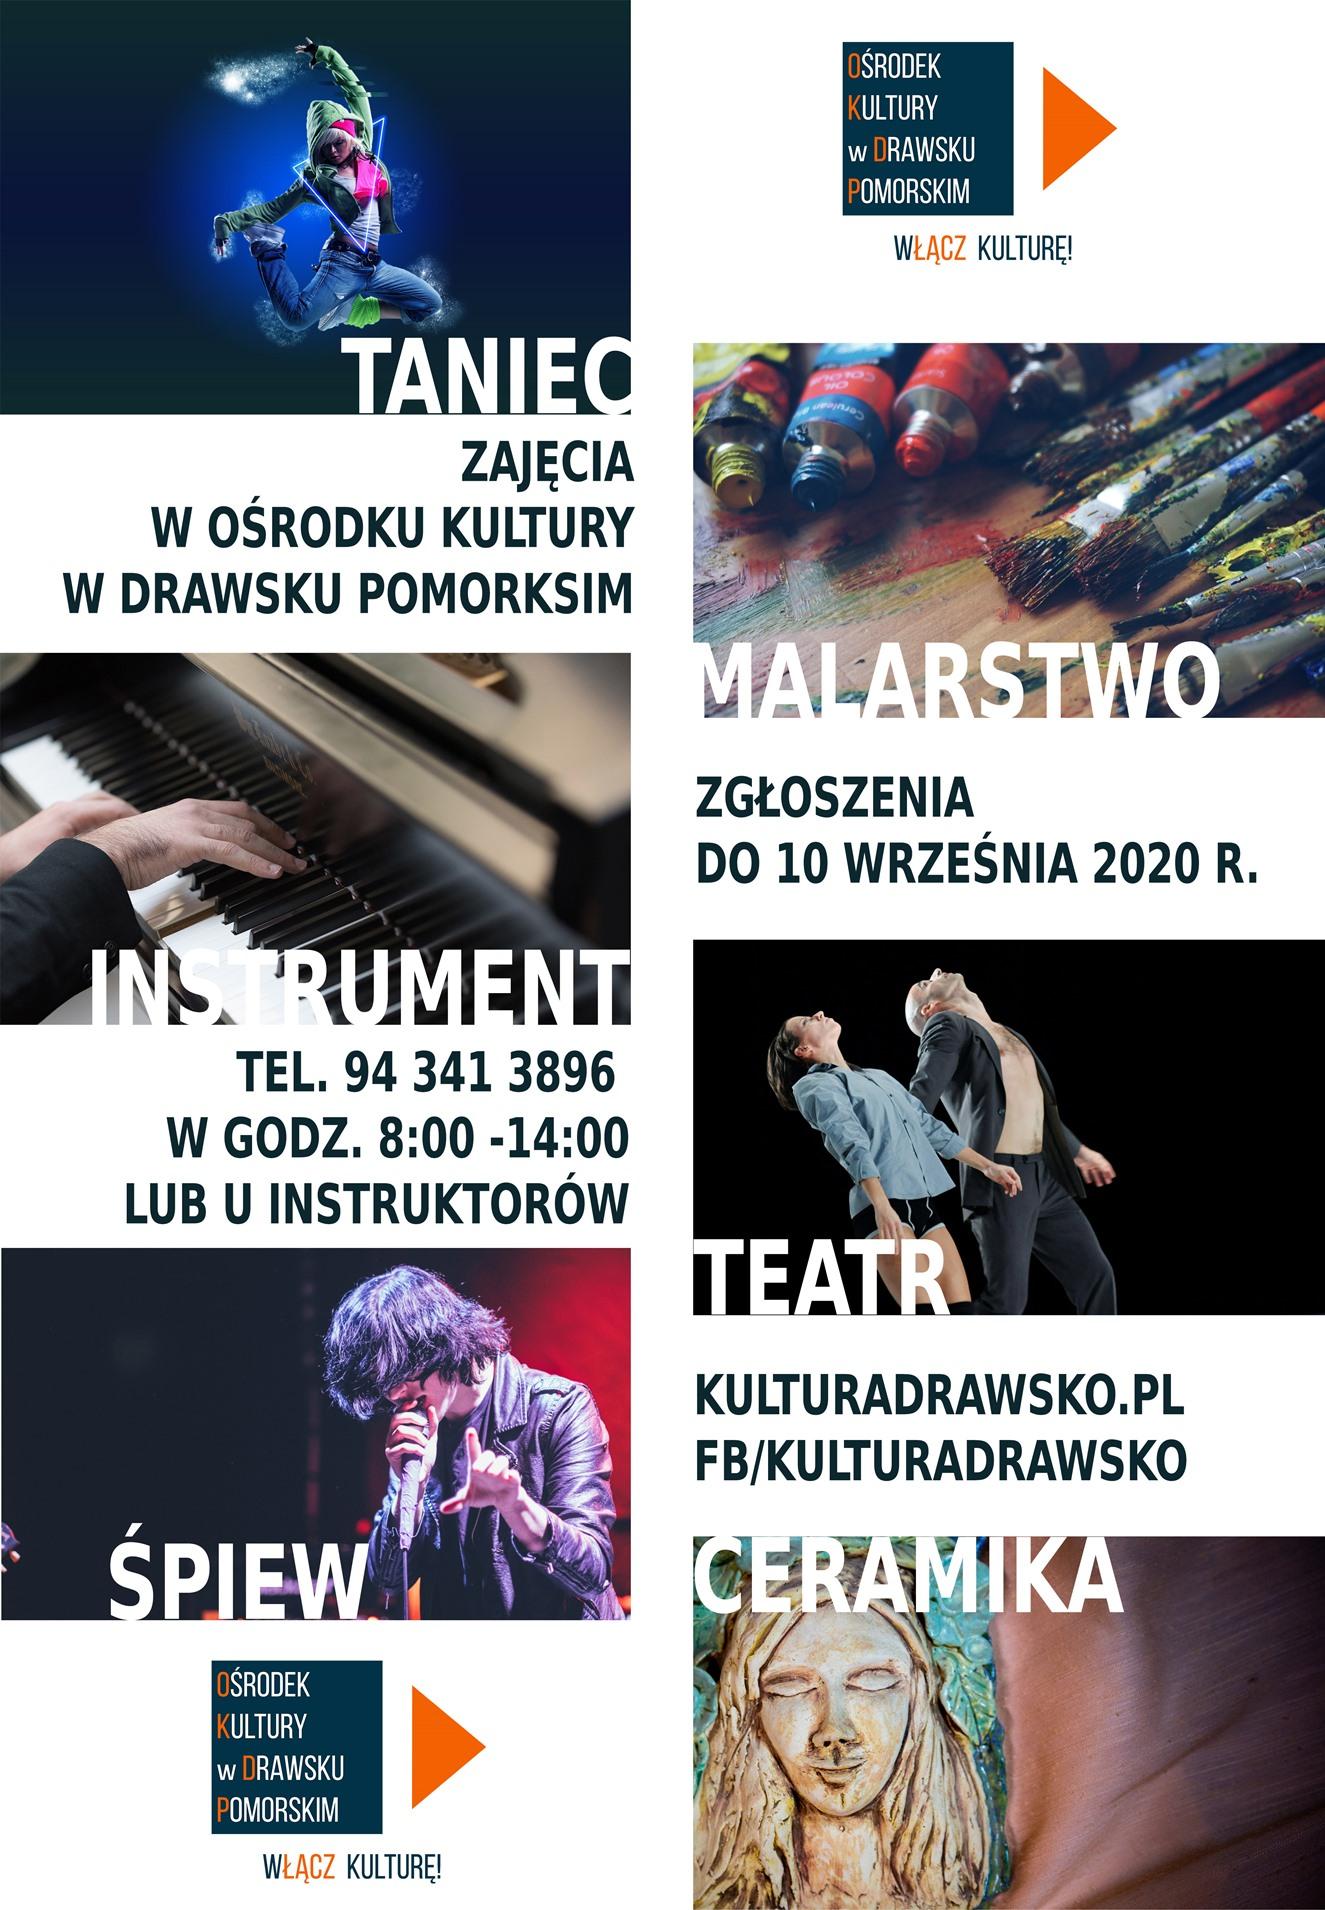 Ośrodek Kultury w Drawsku Pomorskim zaprasza na zajęcia